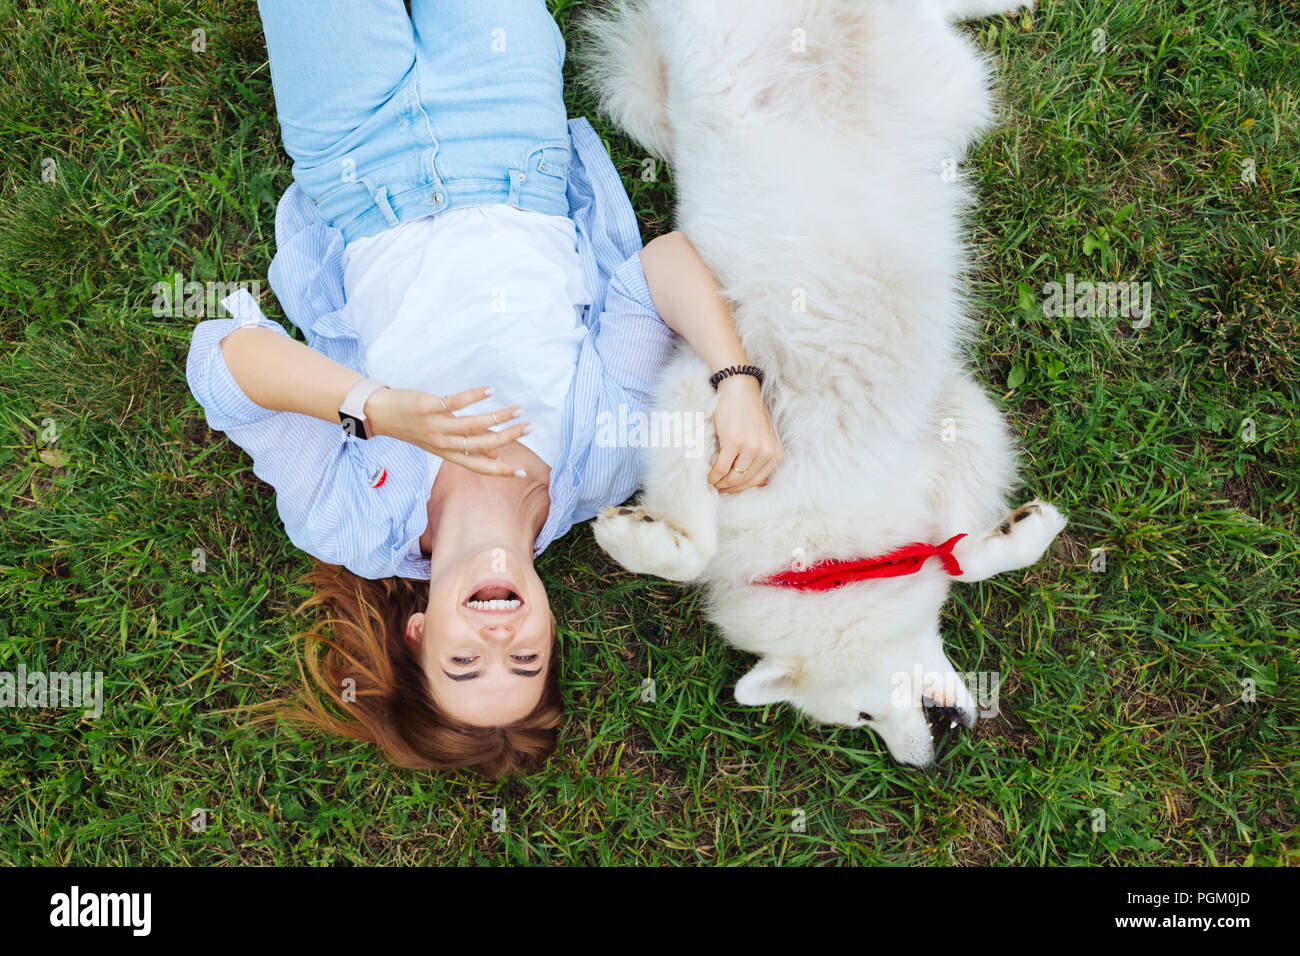 Gracioso mujer riendo mientras juega con su perro blanco Imagen De Stock